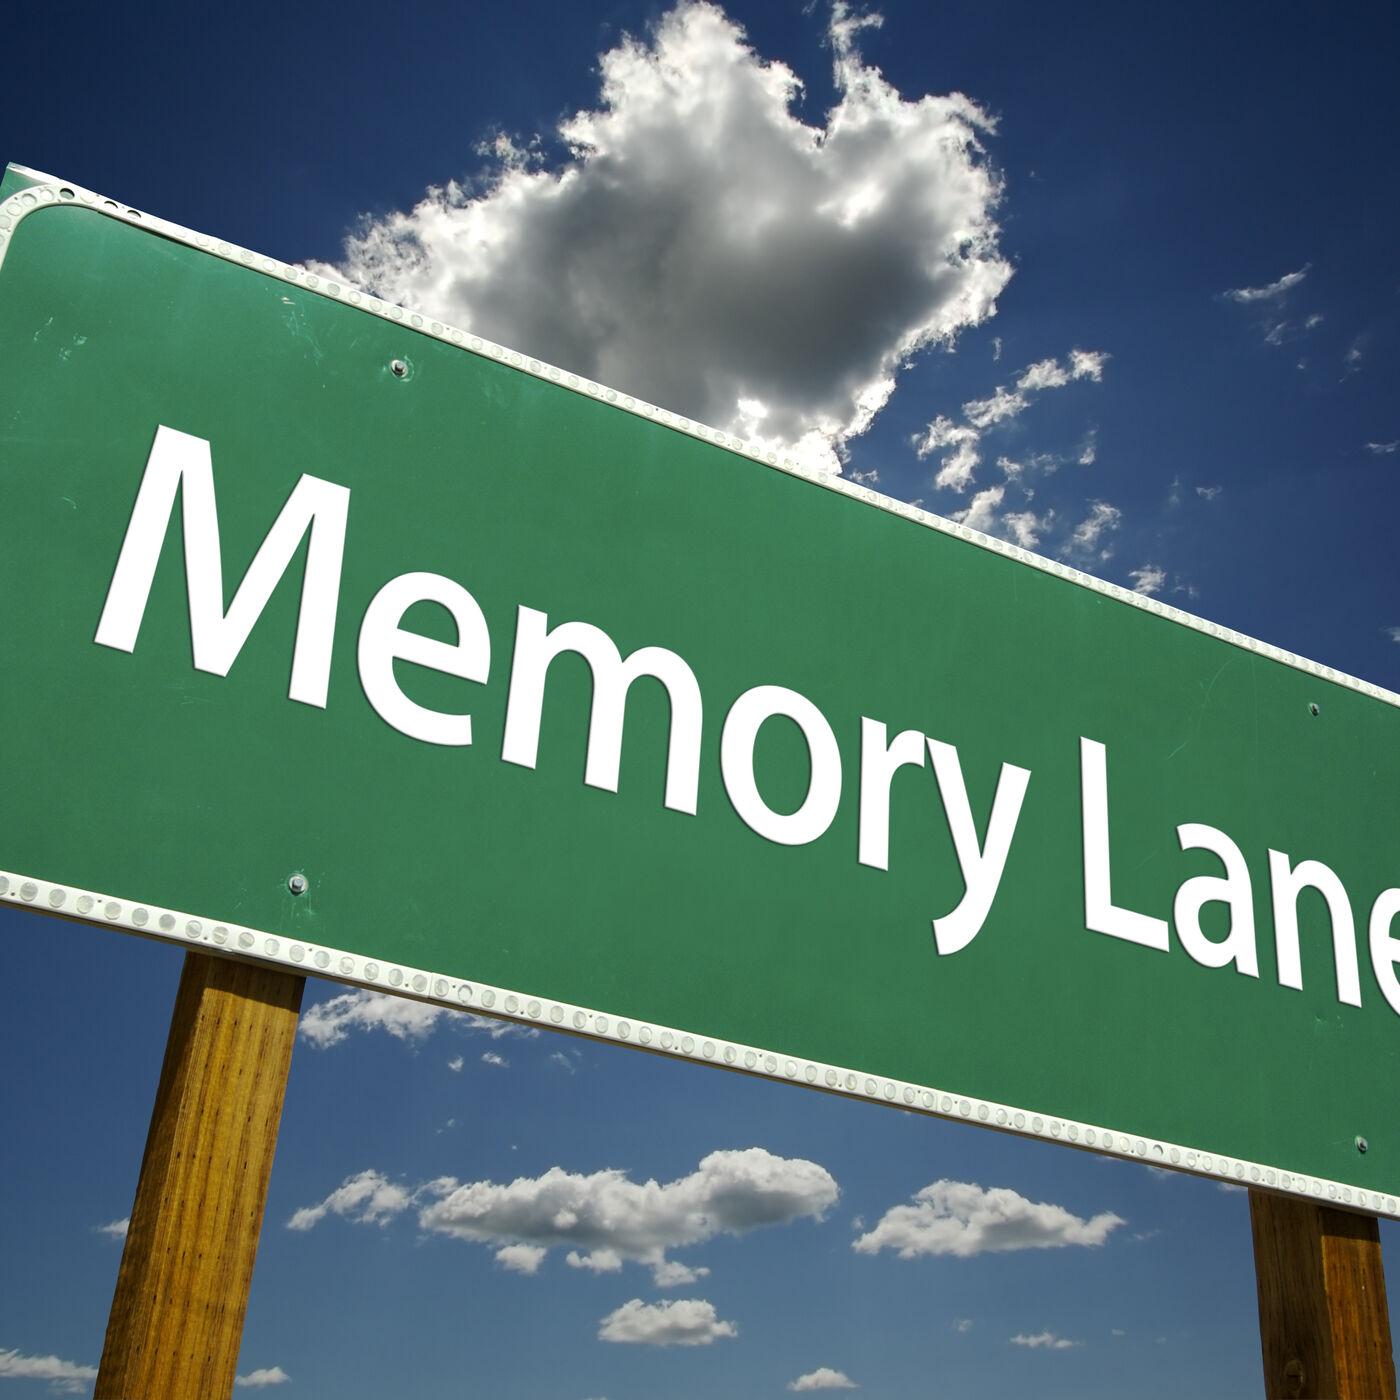 Memory Lane - A Mini Episode Review